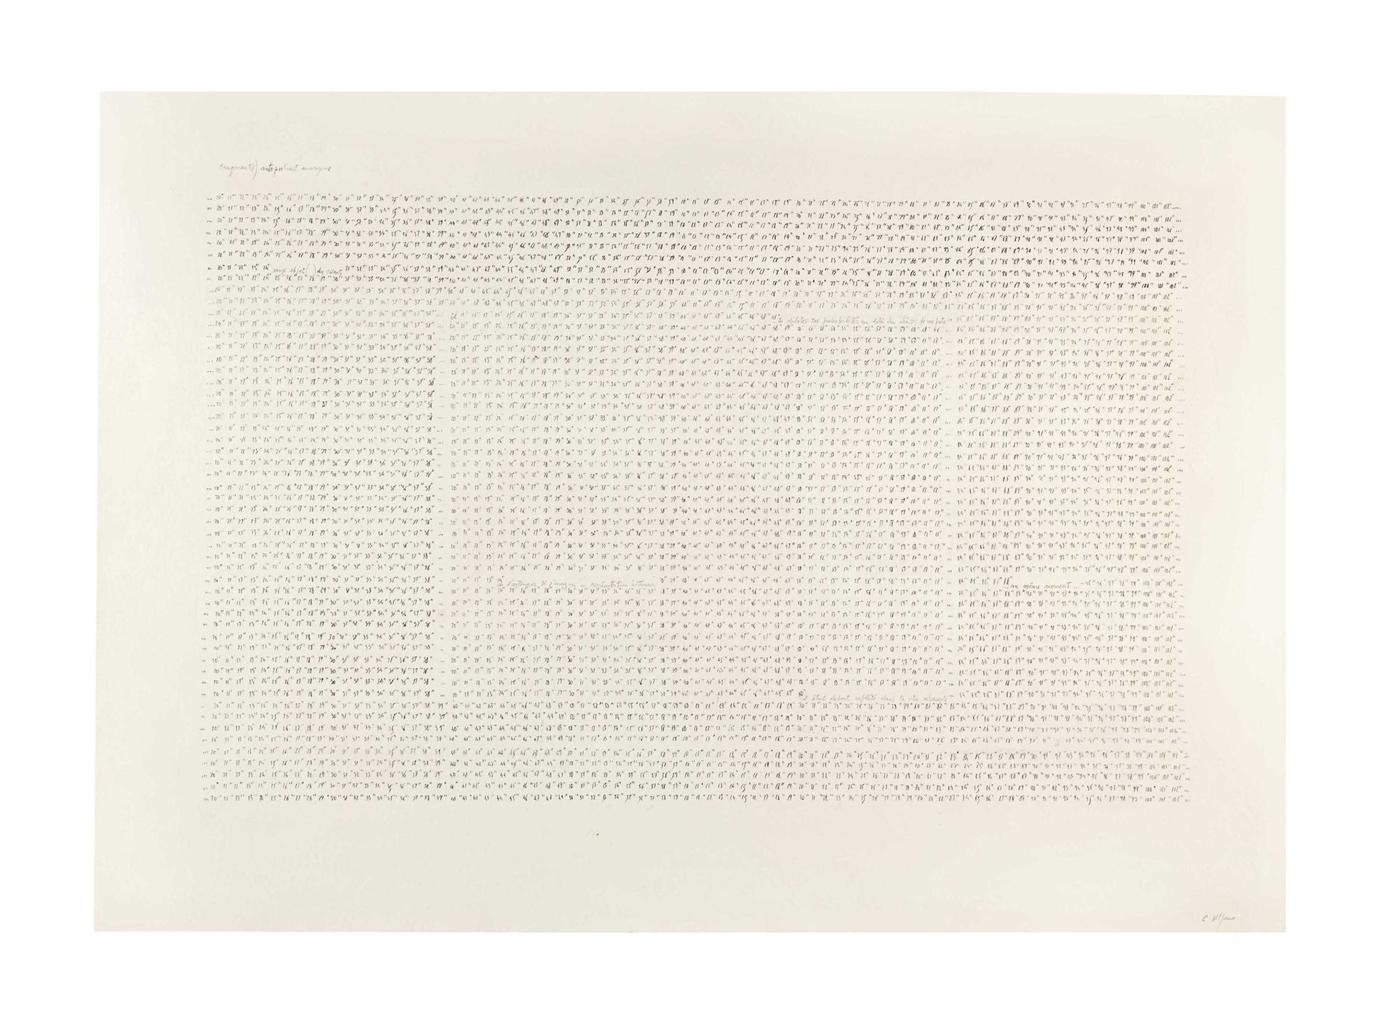 Carlo Alfano-Fragments / Autoportrait Anonyme-1972